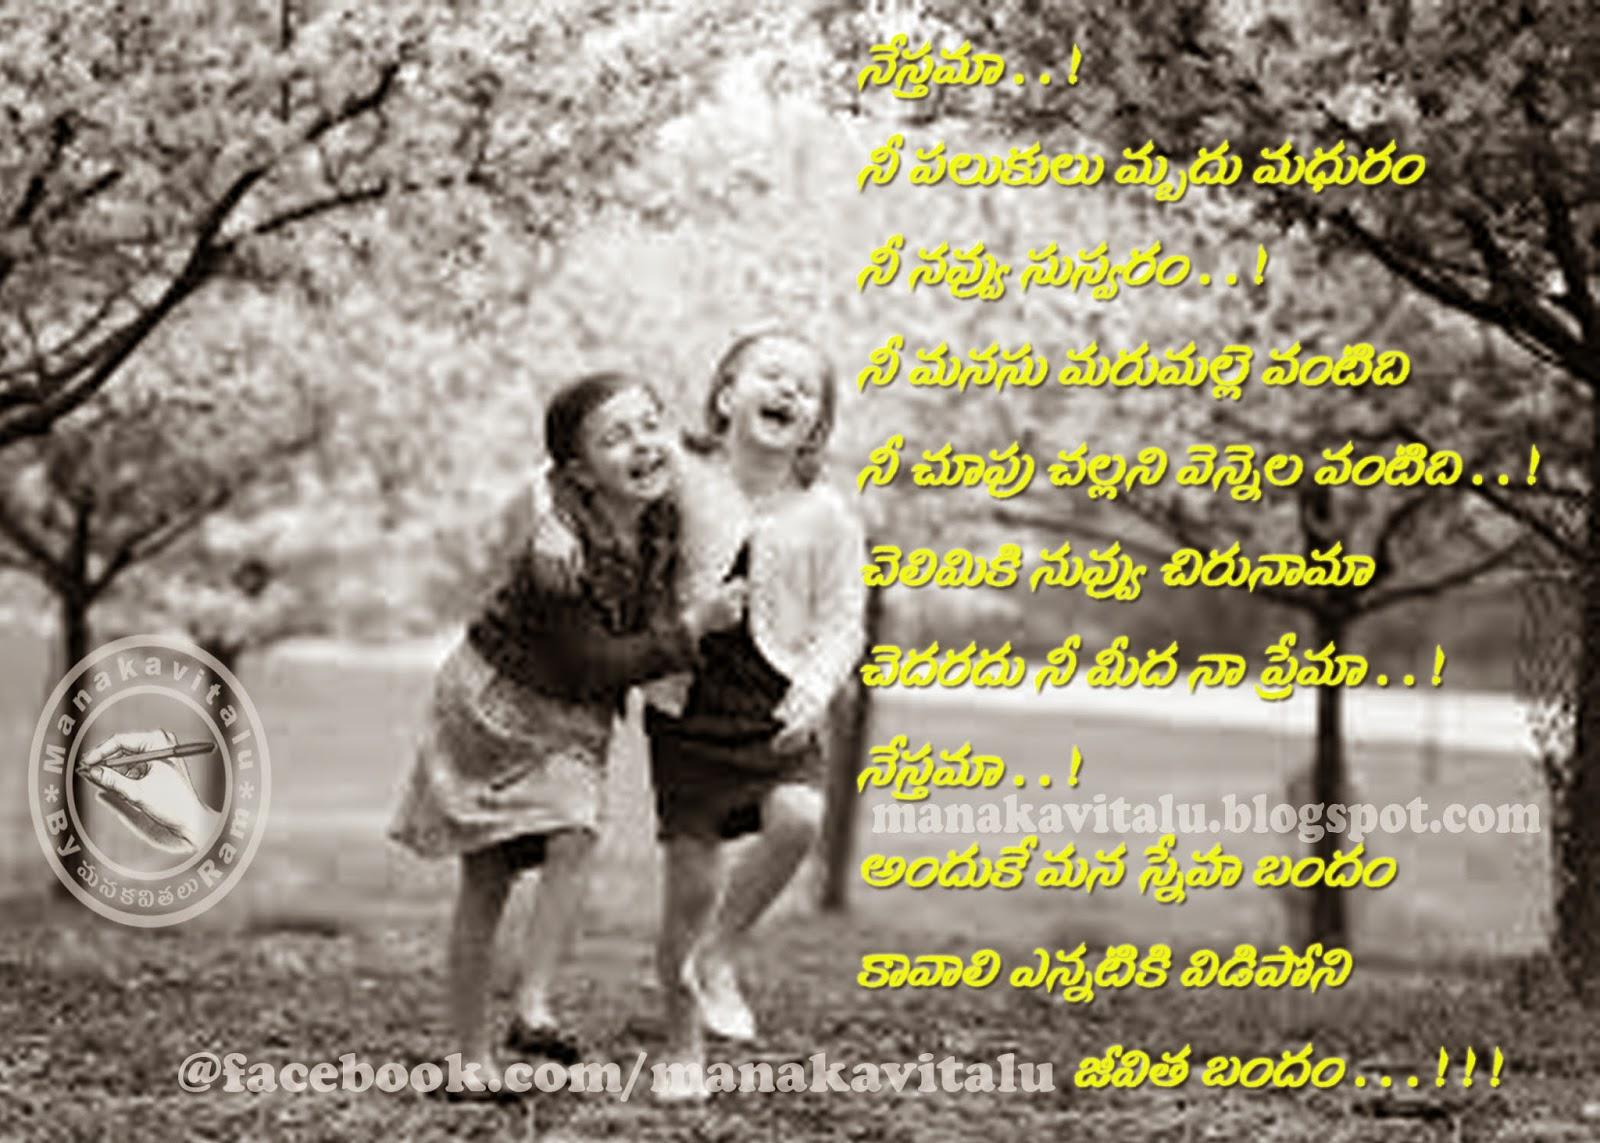 jeevitha bandham  telugu friendship kavitalu on images